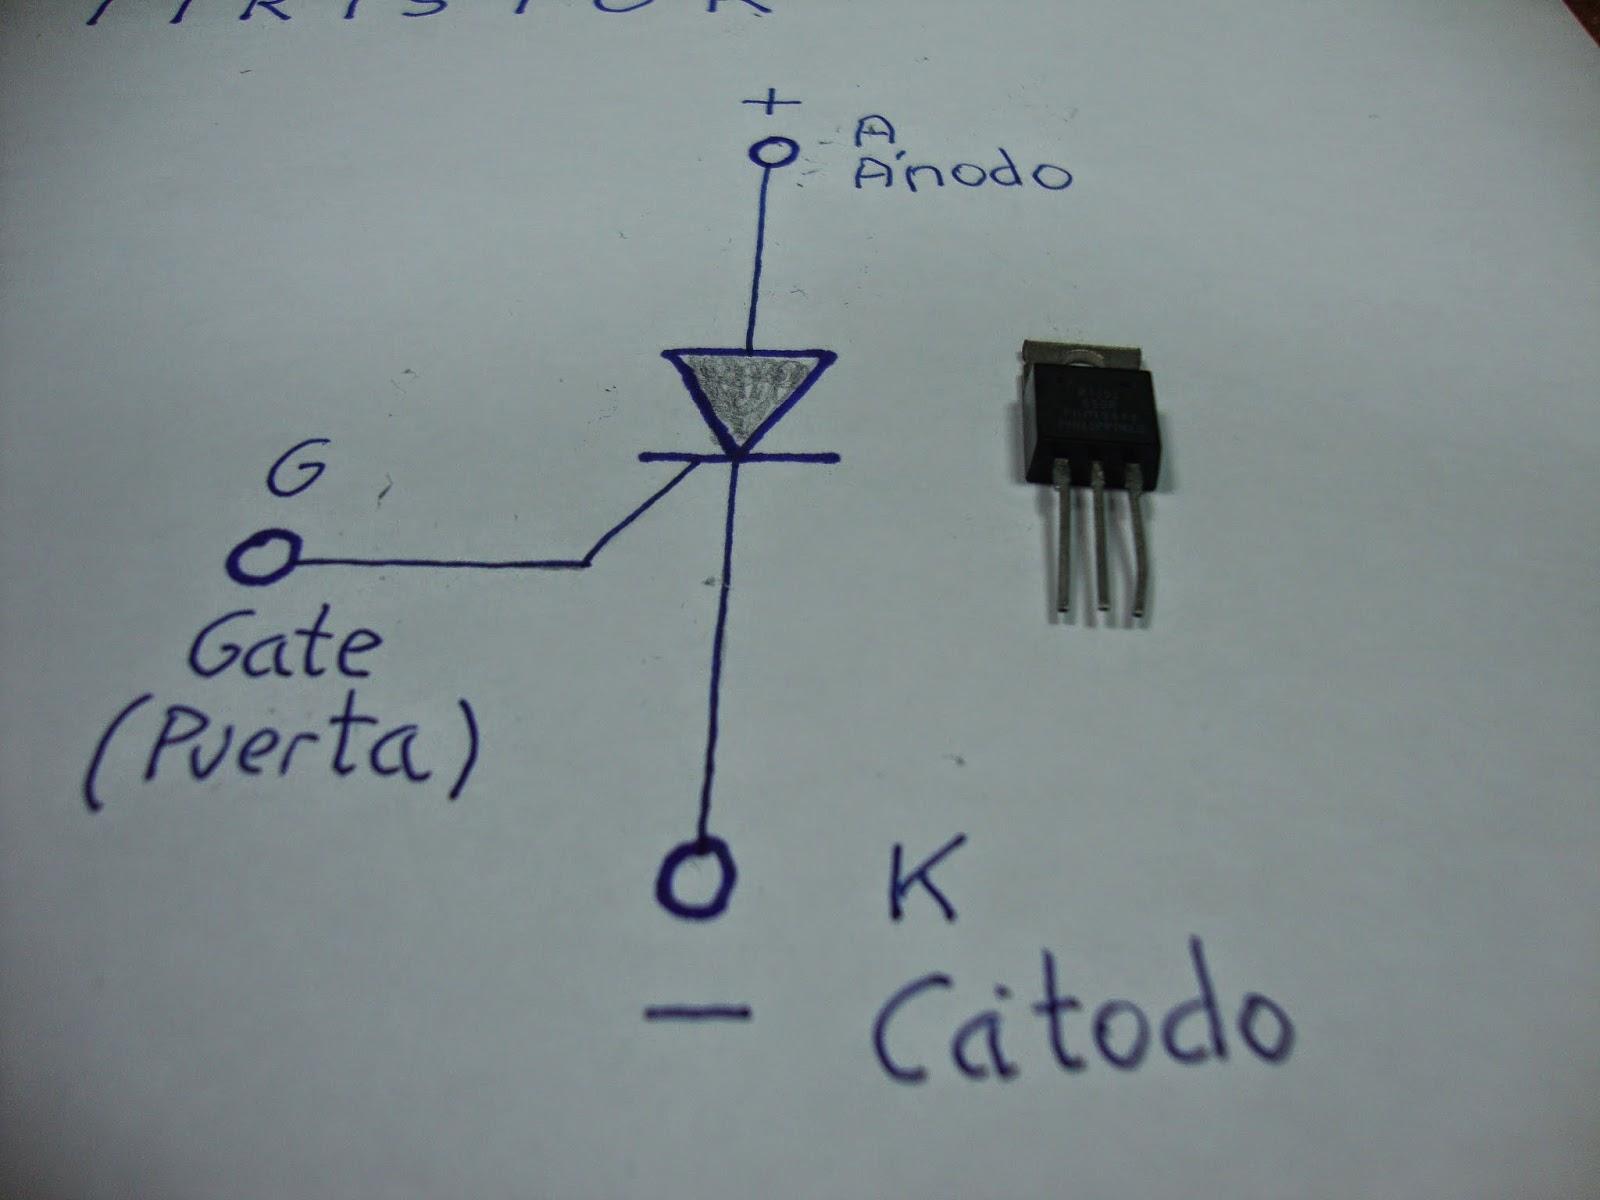 Ciencia inventos y experimentos en casa tutorial - Que hace un humidificador ...